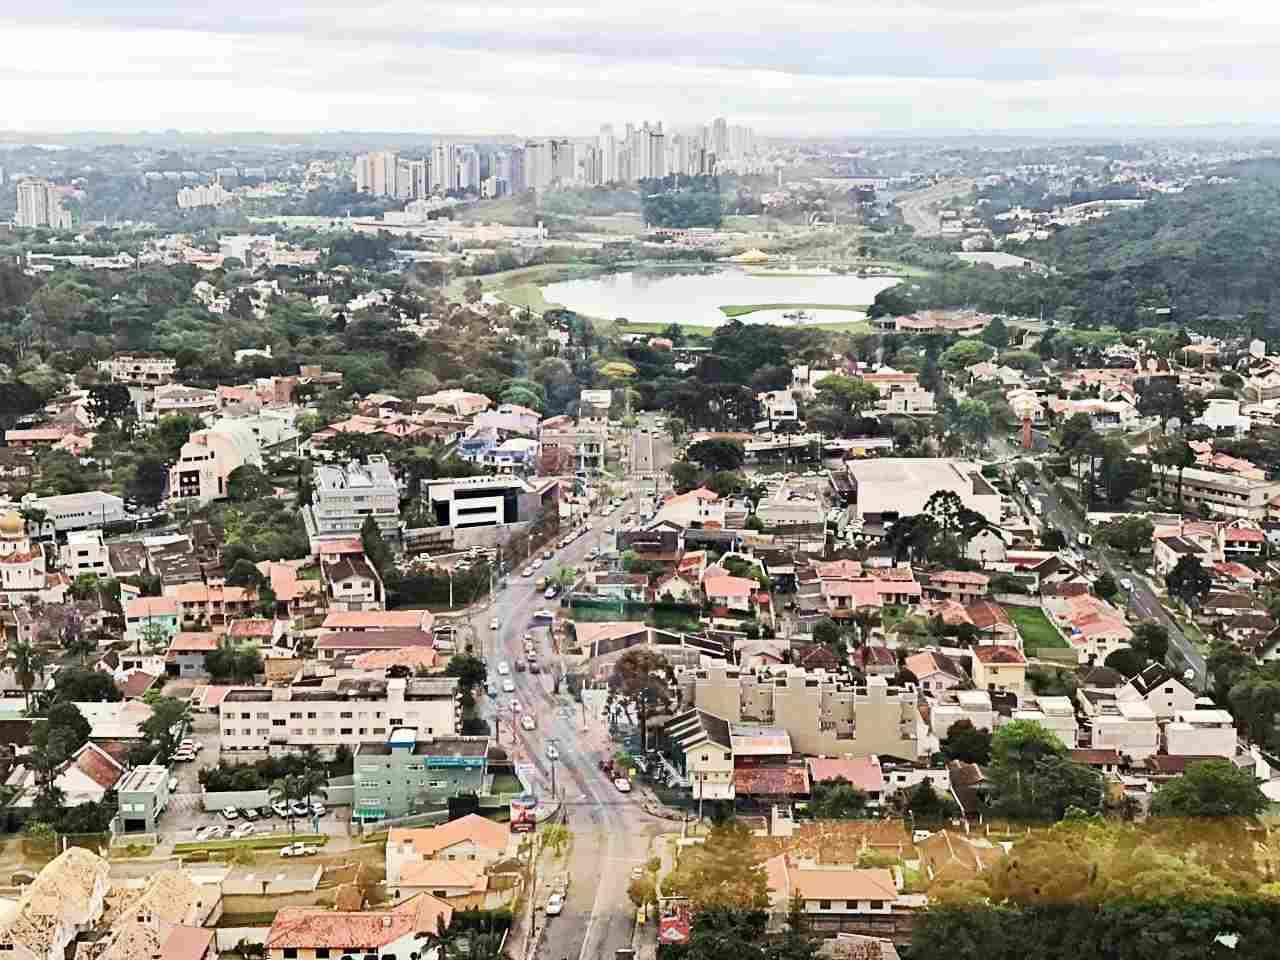 Curitiba Vista de Cima - Torre Panorâmica